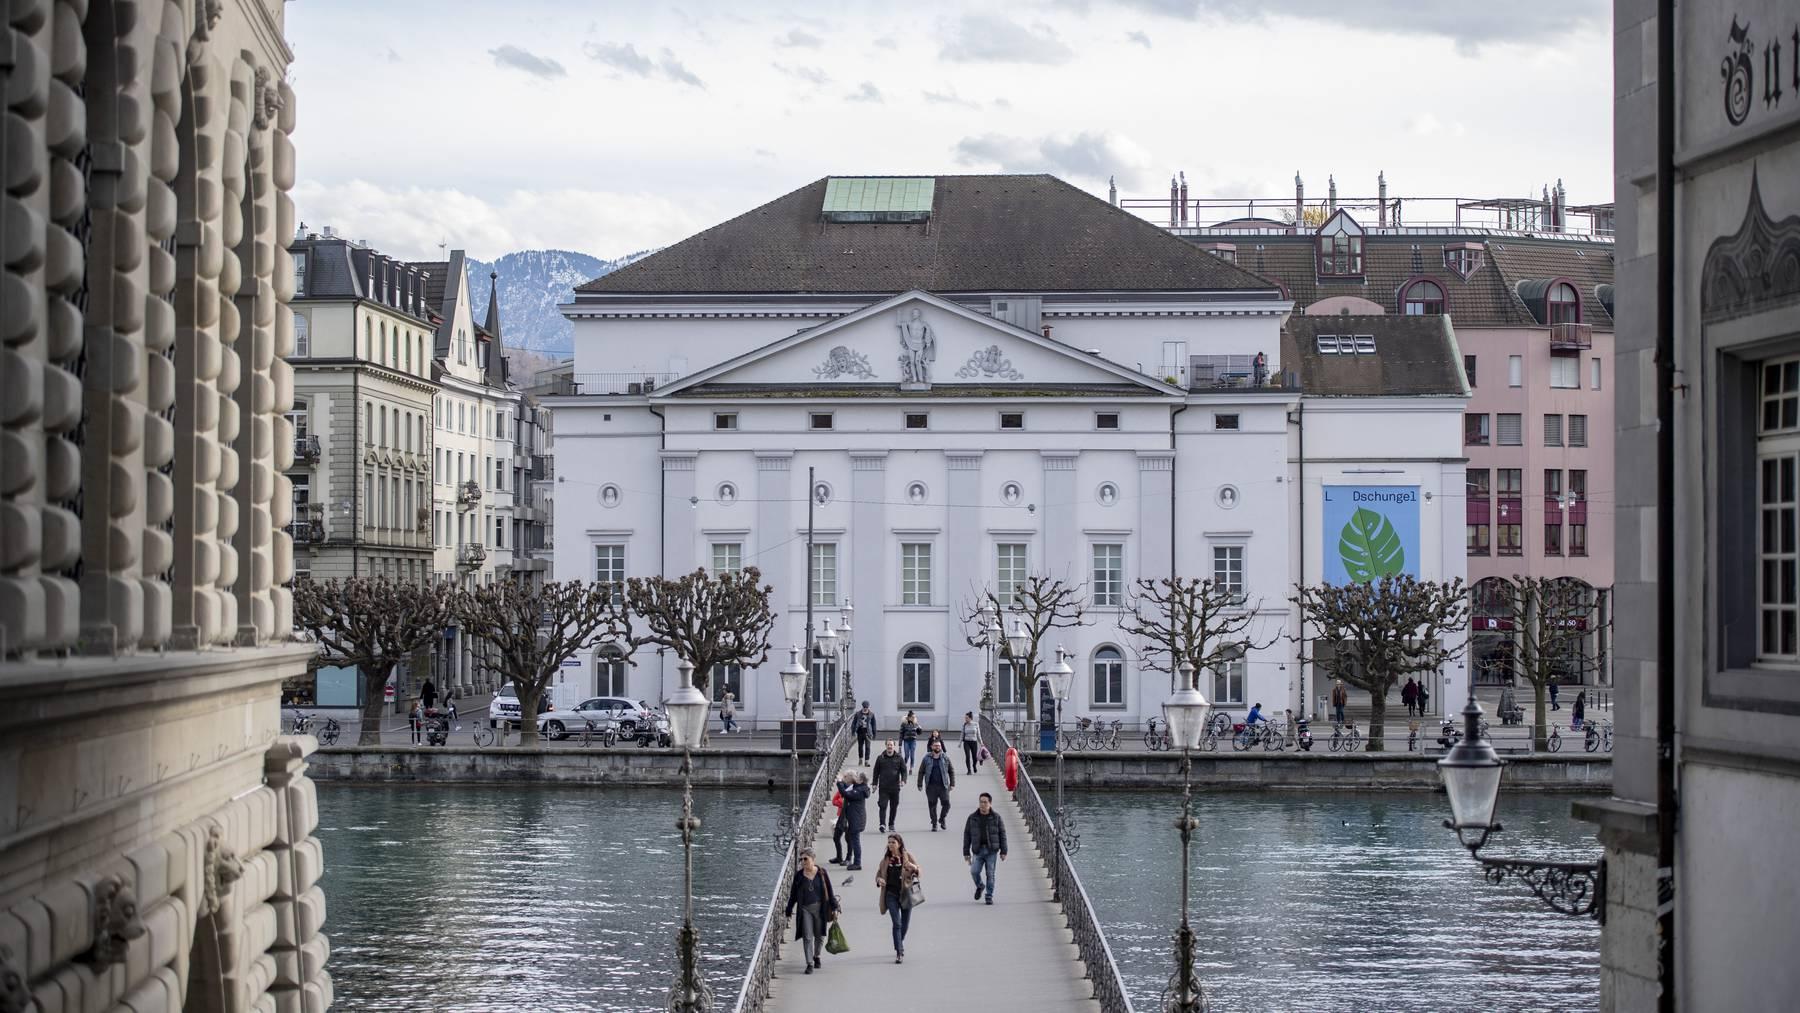 Das Luzerner Theater an der Reuss in der Stadt Luzern, am Donnerstag, 12. Maerz 2020.